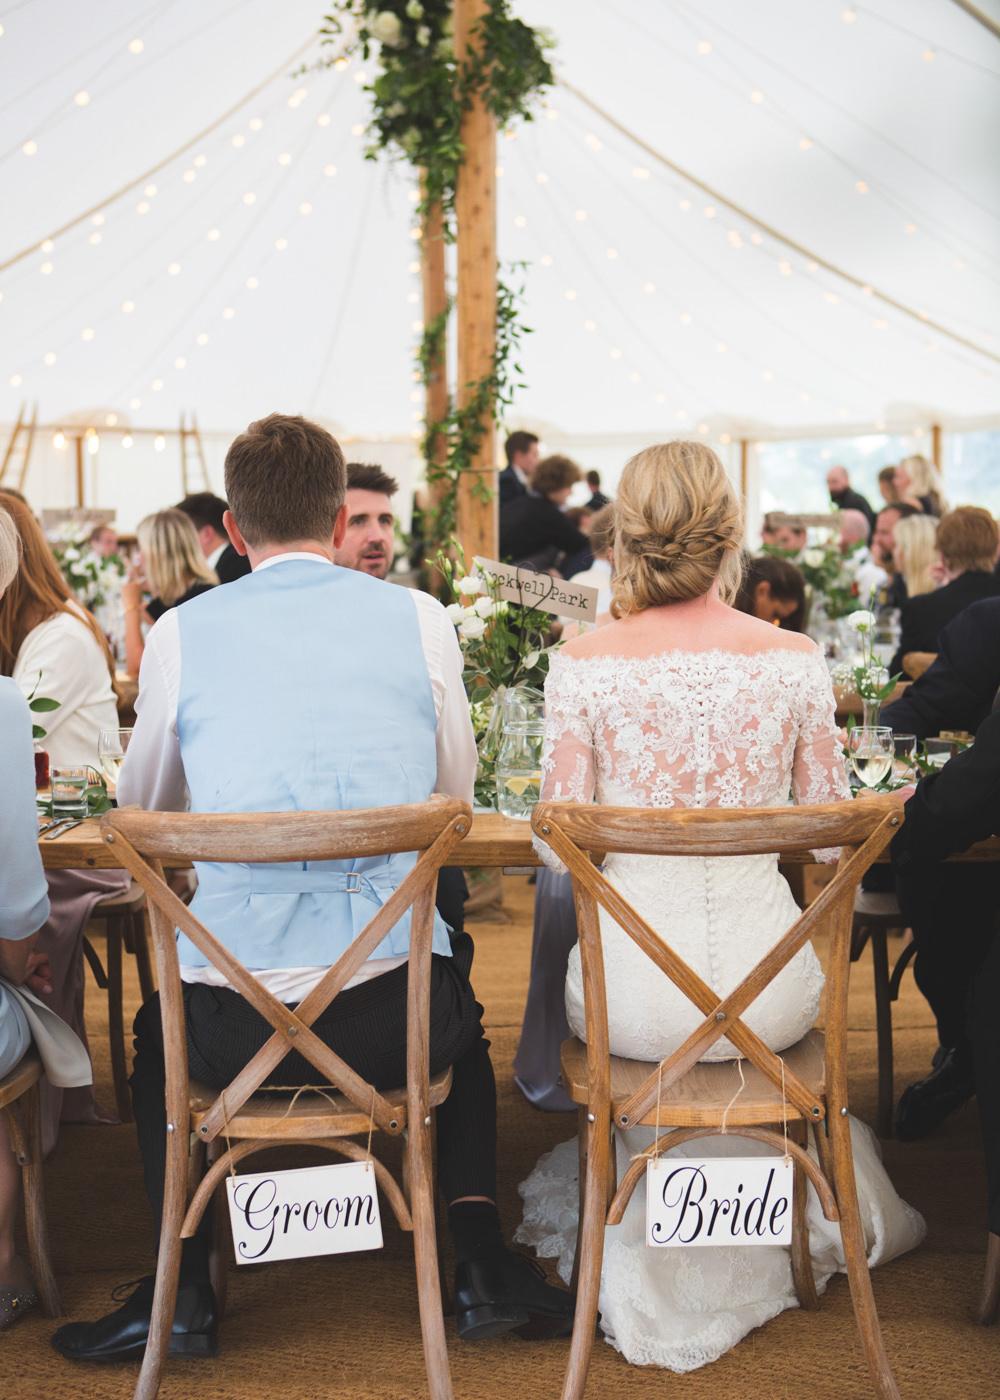 Chairs Bride Groom Signs Airbnb Wedding Pickavance Weddings